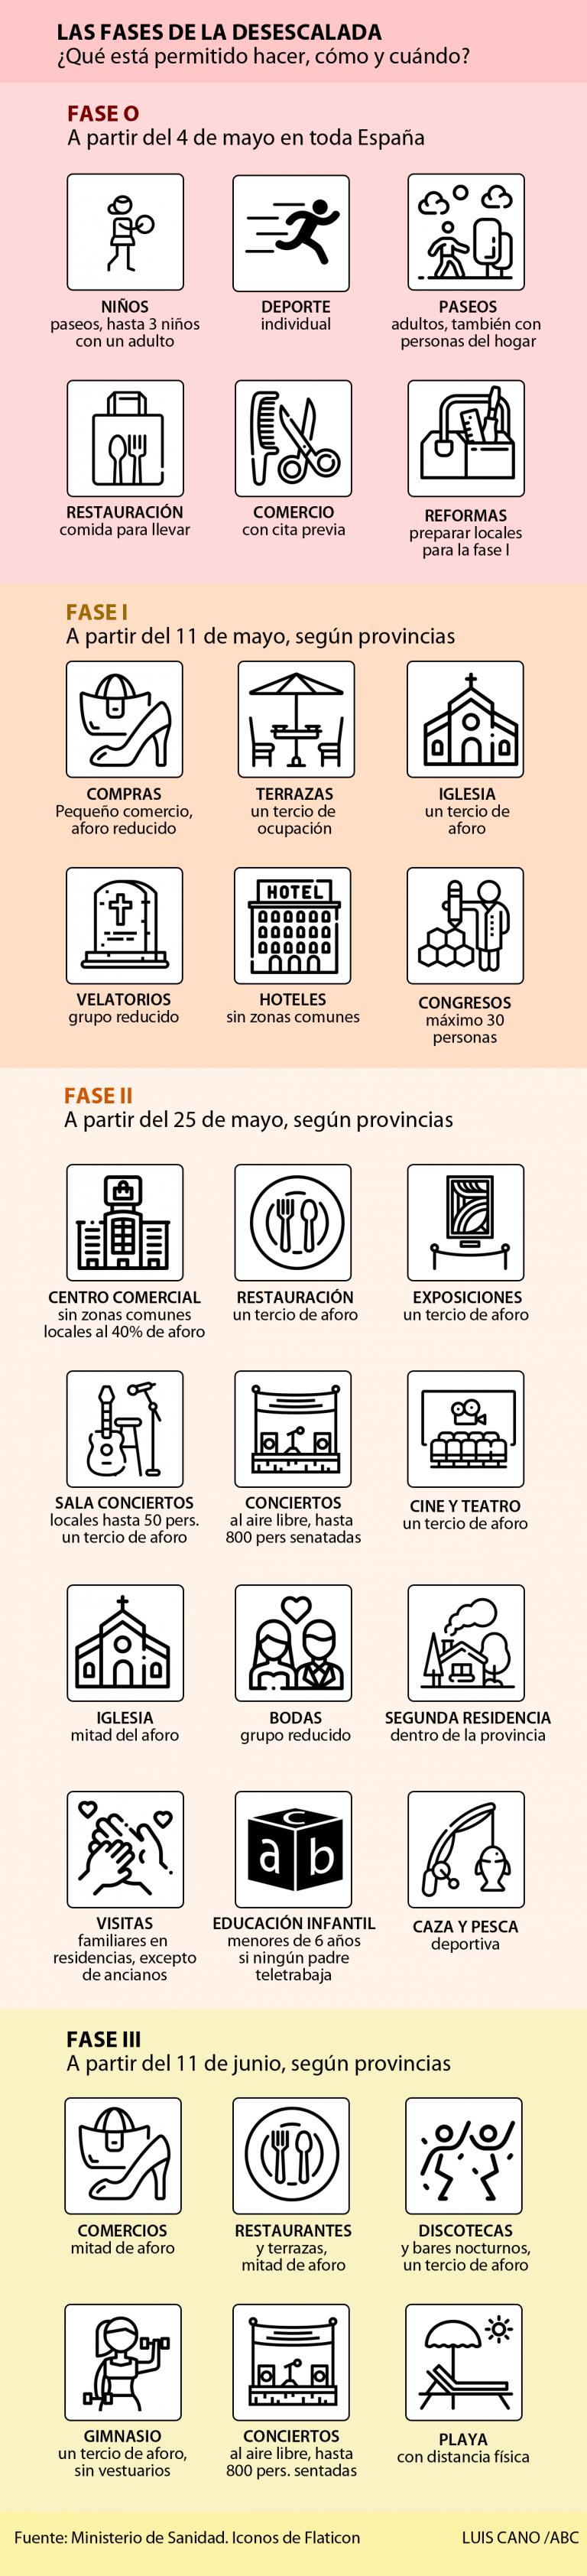 Servicio Cita Previa Online De La Comunidad De Madrid